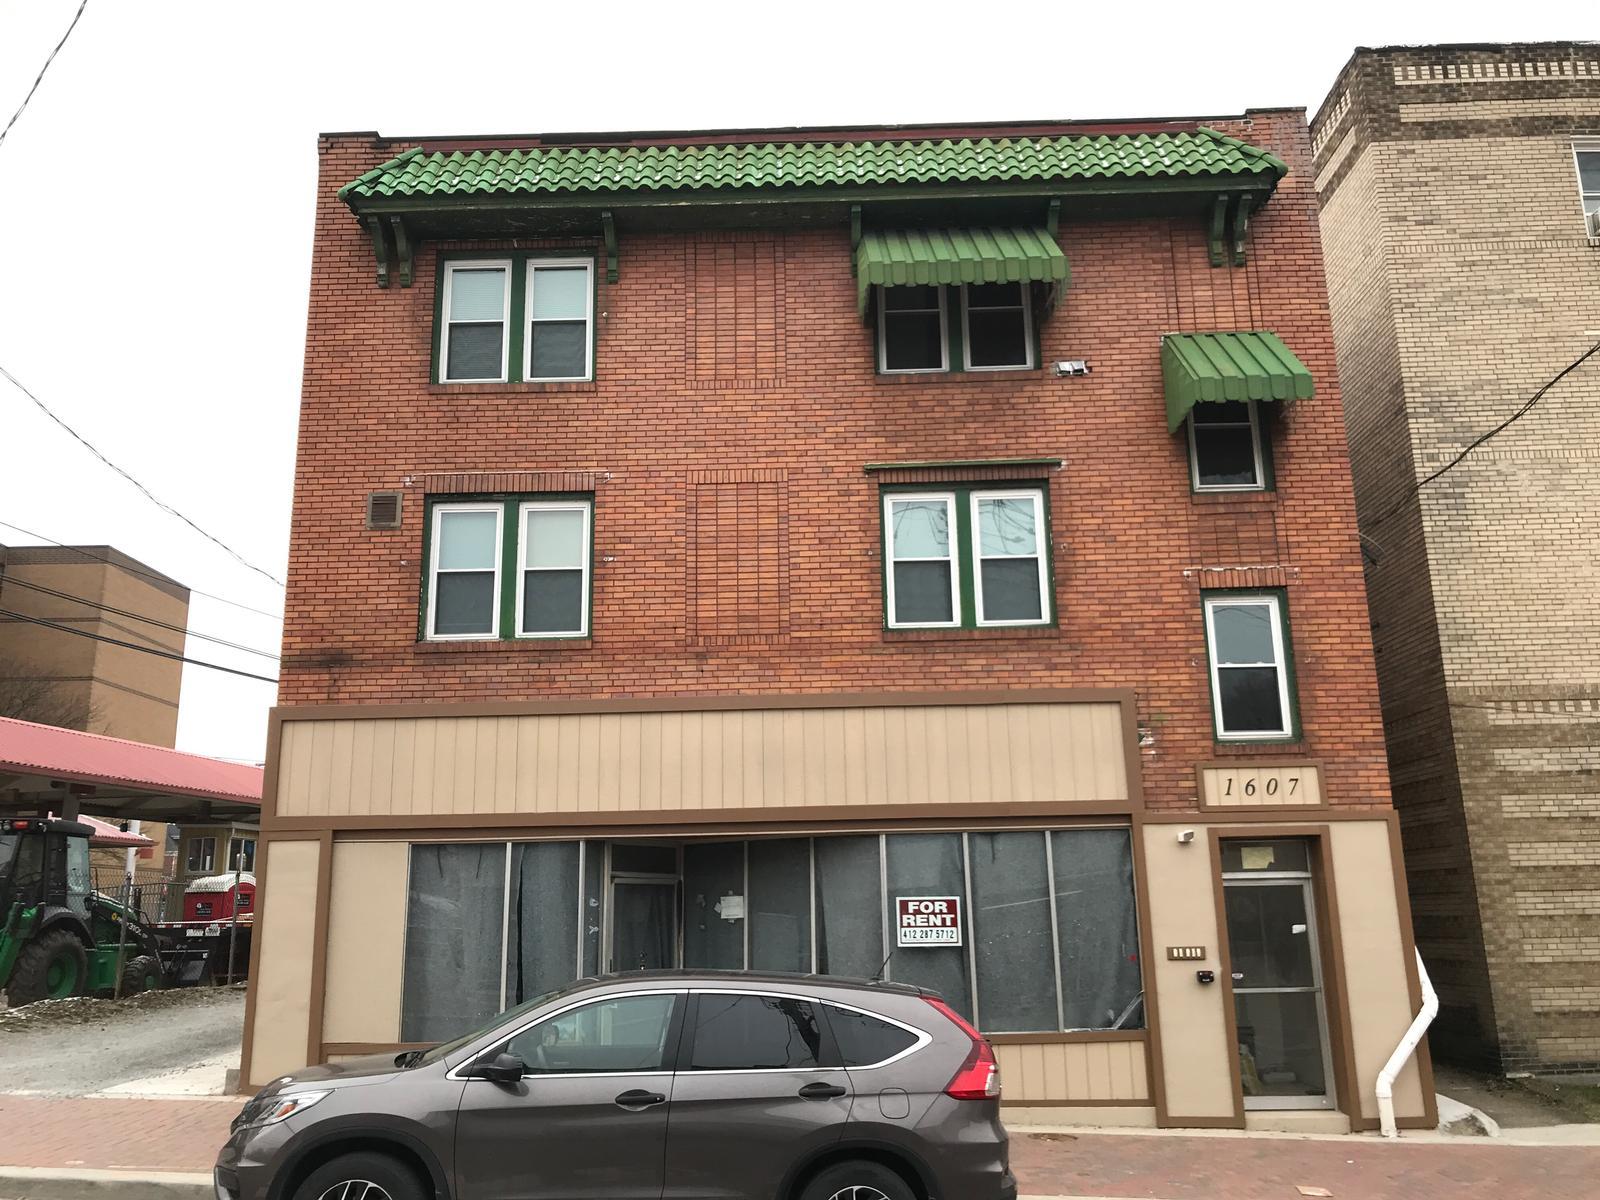 1607 Potomac Ave